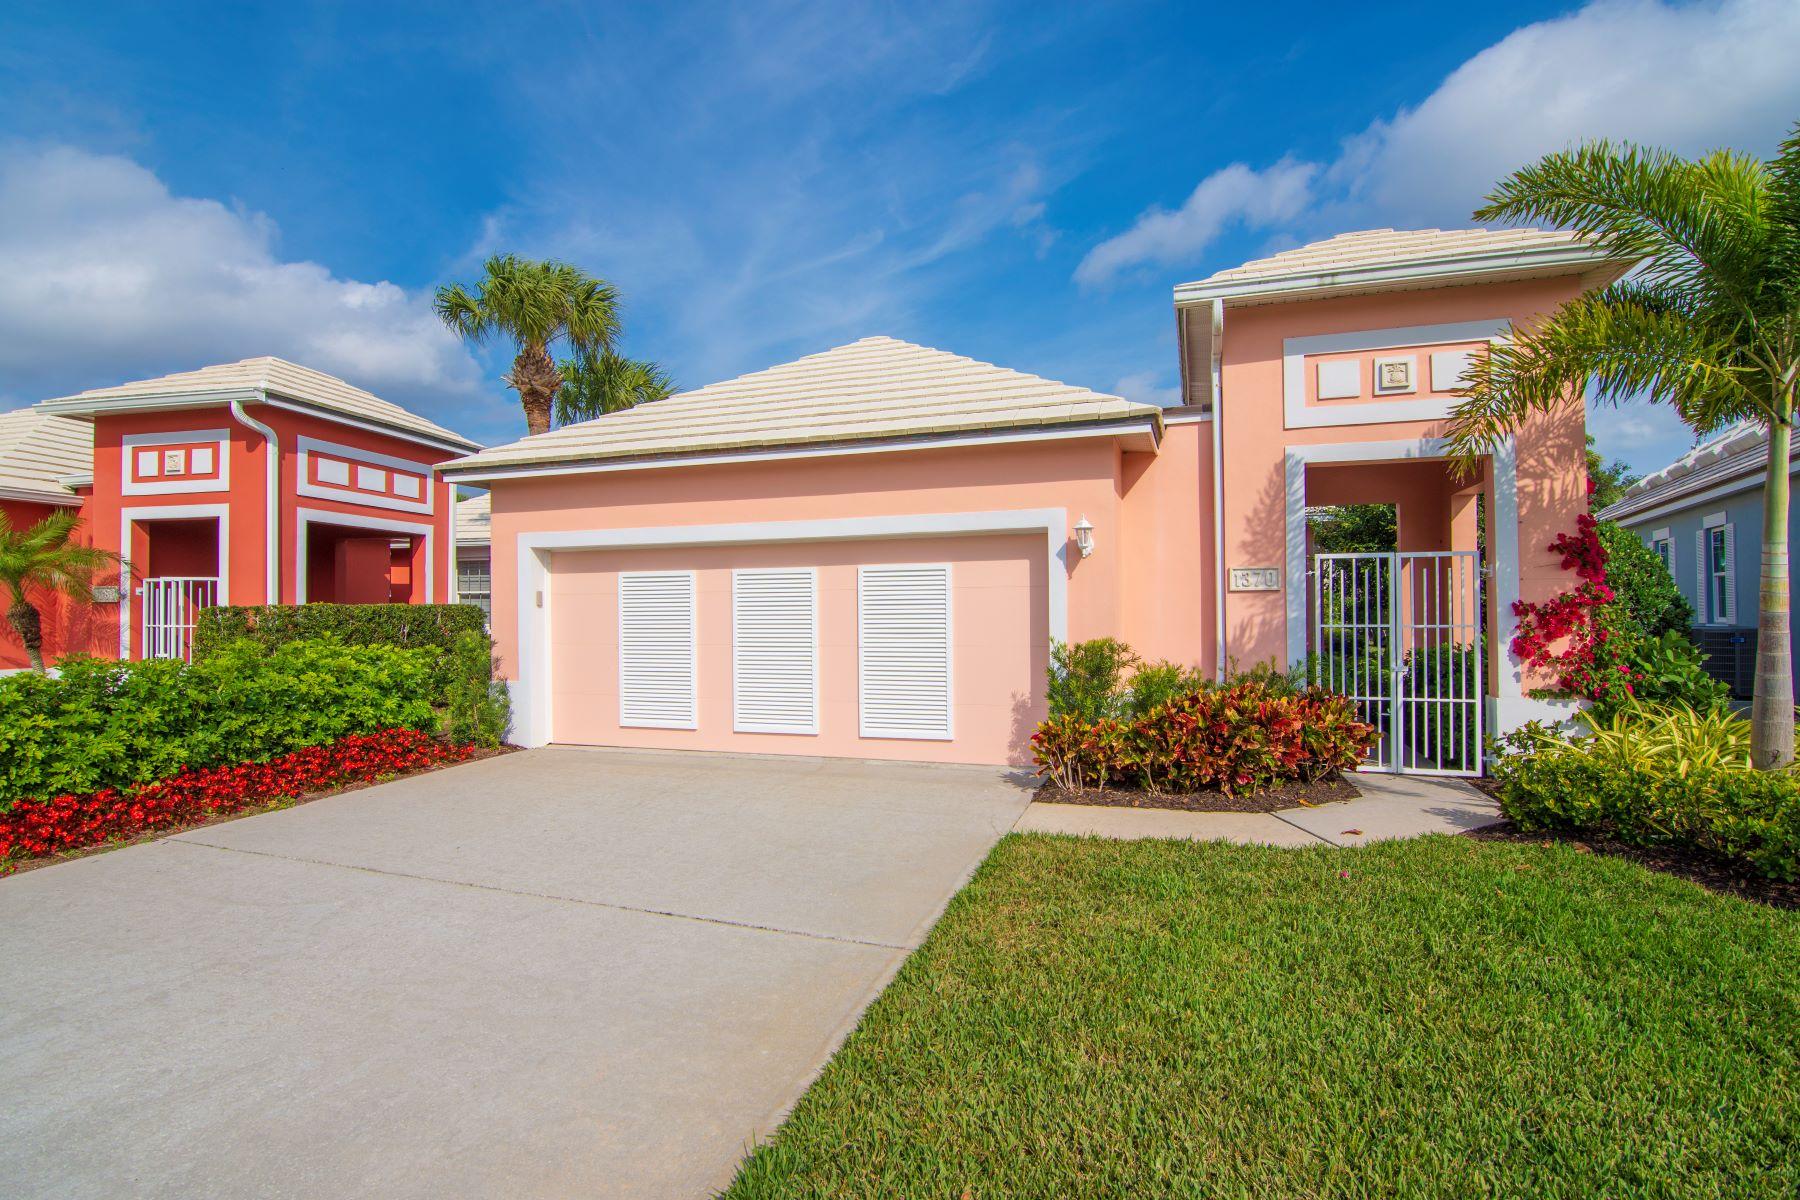 1370 Saint Catherines Circle 1370 Saint Catherines Circle Vero Beach, Florida 32967 Vereinigte Staaten